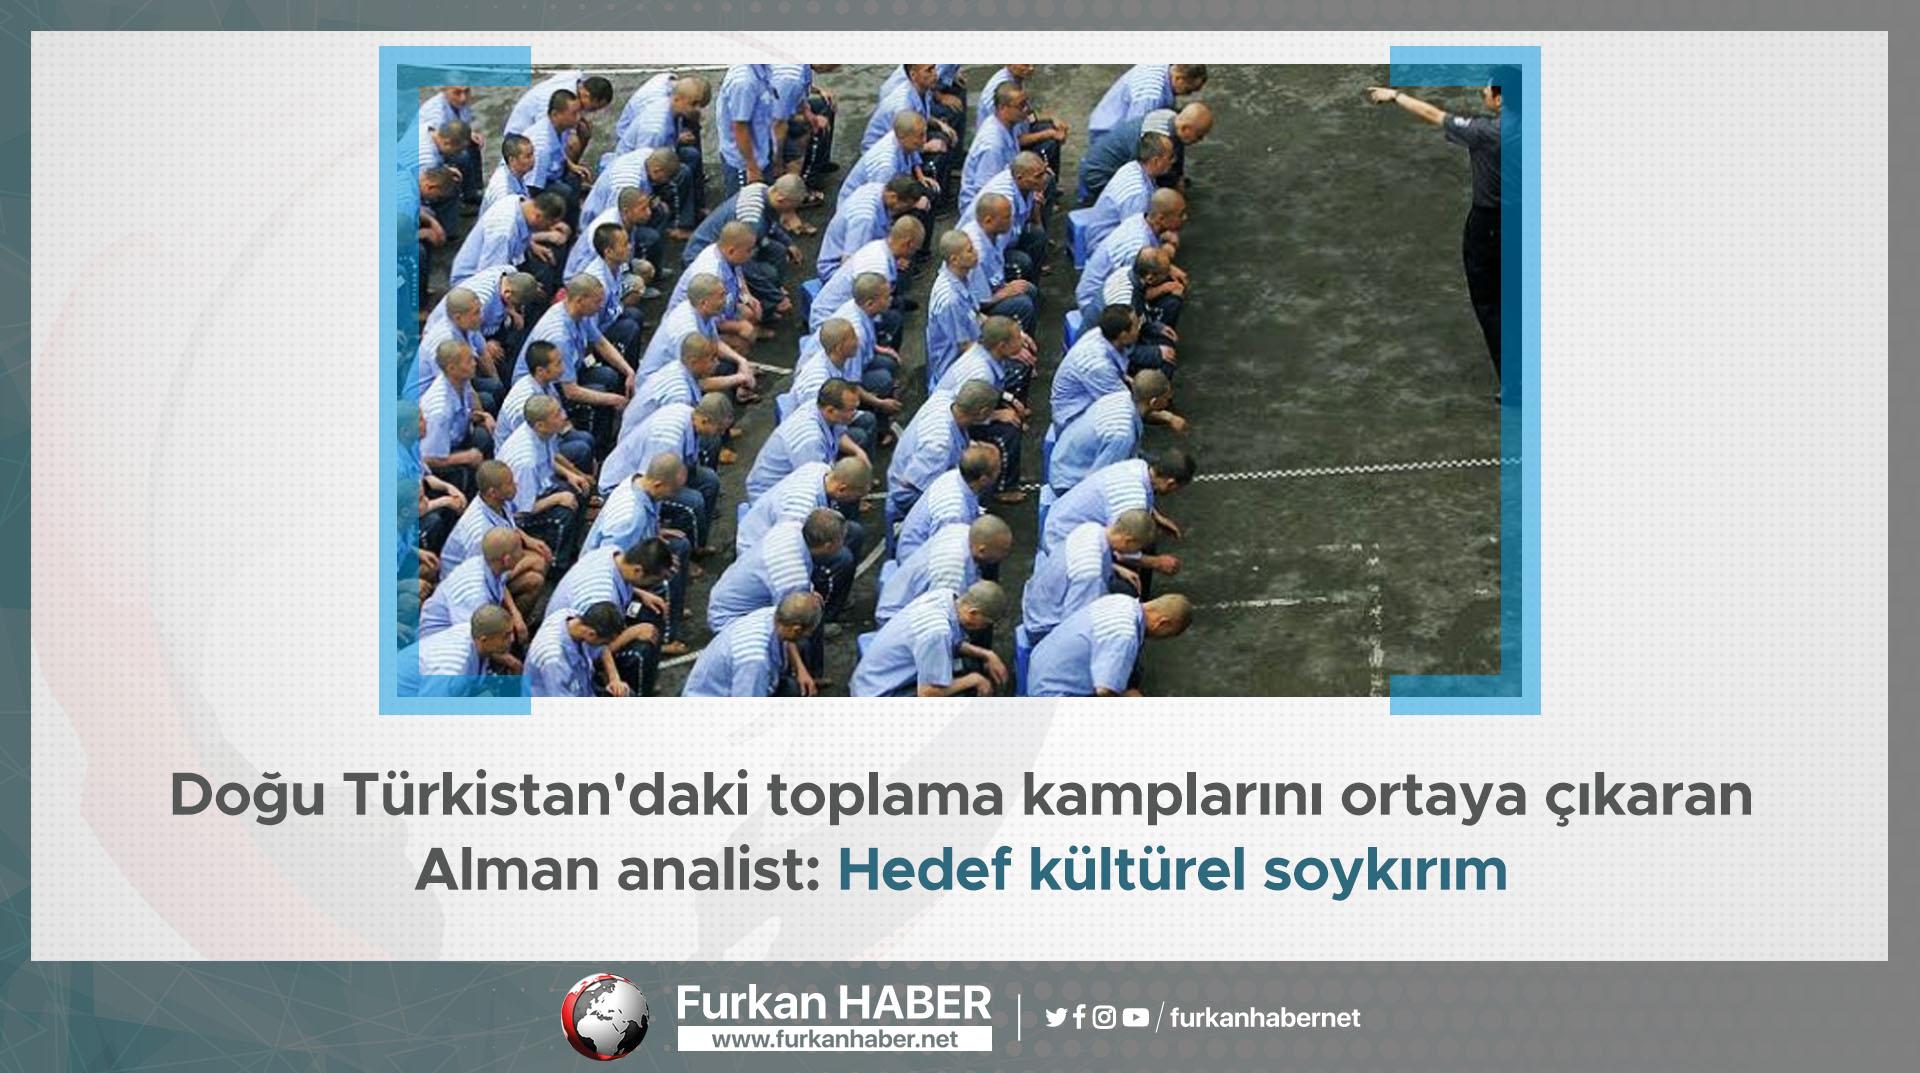 Doğu Türkistan'daki toplama kamplarını ortaya çıkaran Alman analist: Hedef kültürel soykırım